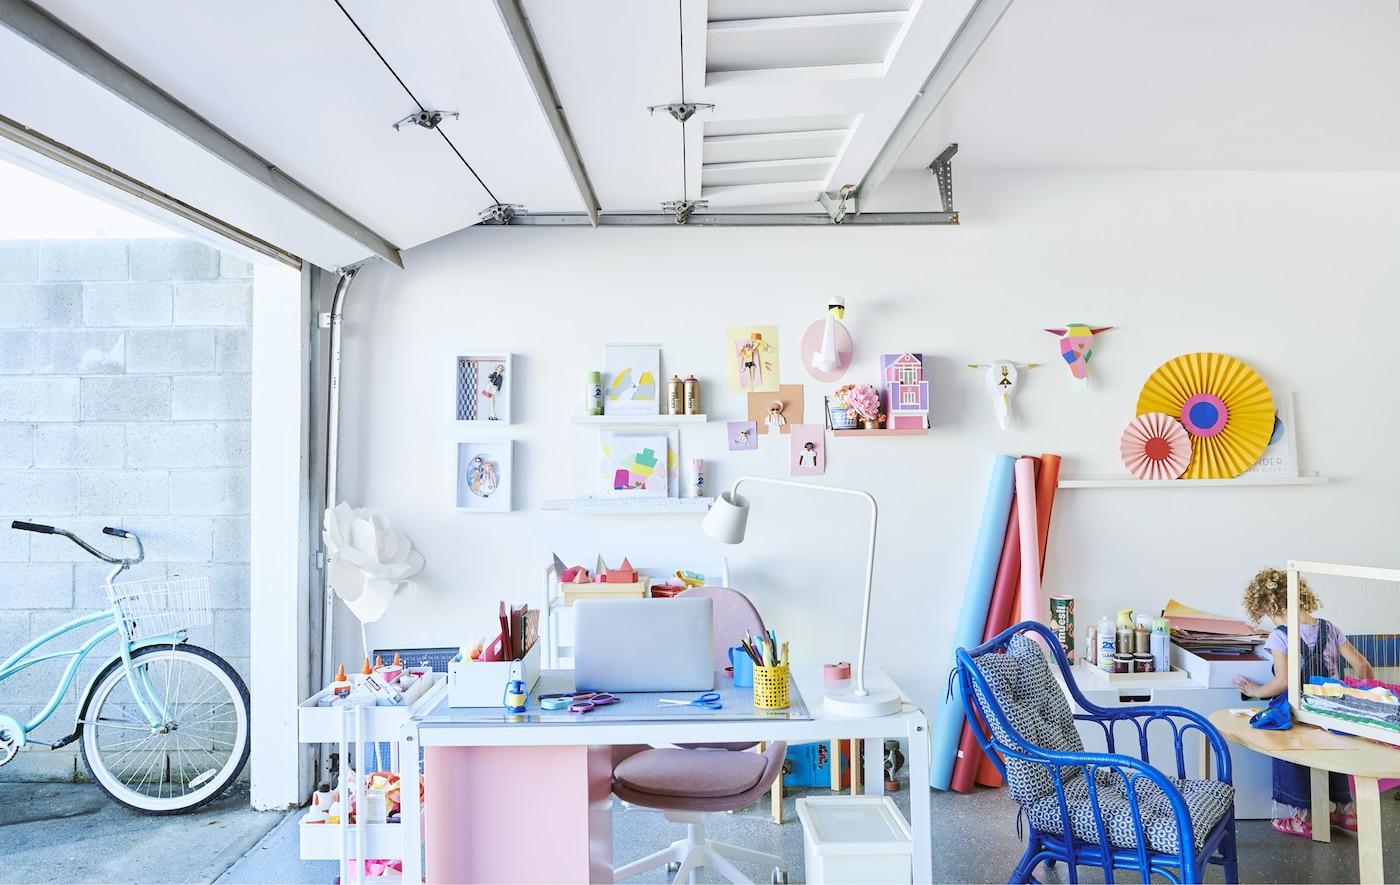 Bunter, kreativer Arbeitsbereich in einer Garage